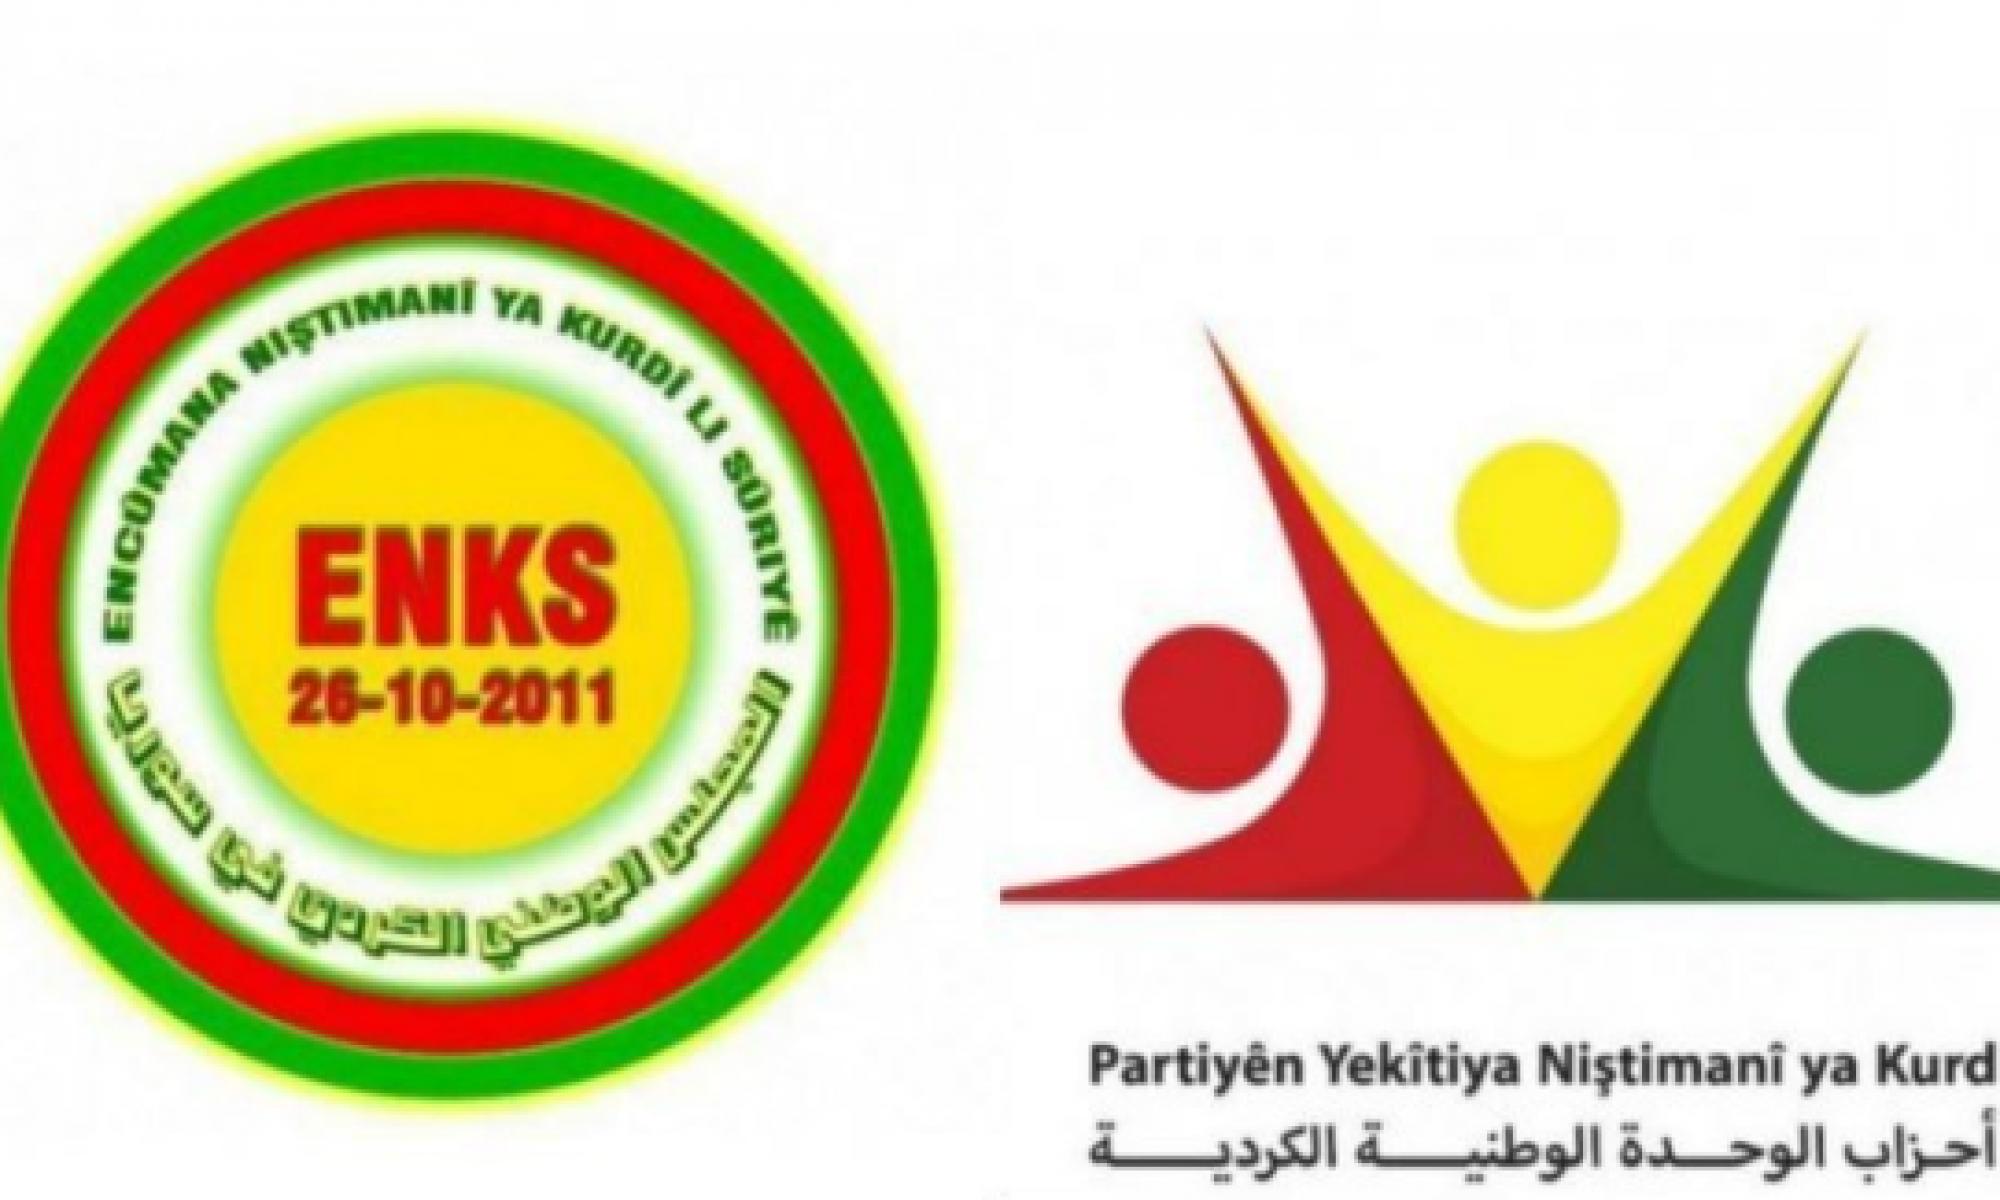 Rojava: Kürt Yüksek Mercii yönetmeliğinin 6 maddesi konusunda anlaşma sağlandı